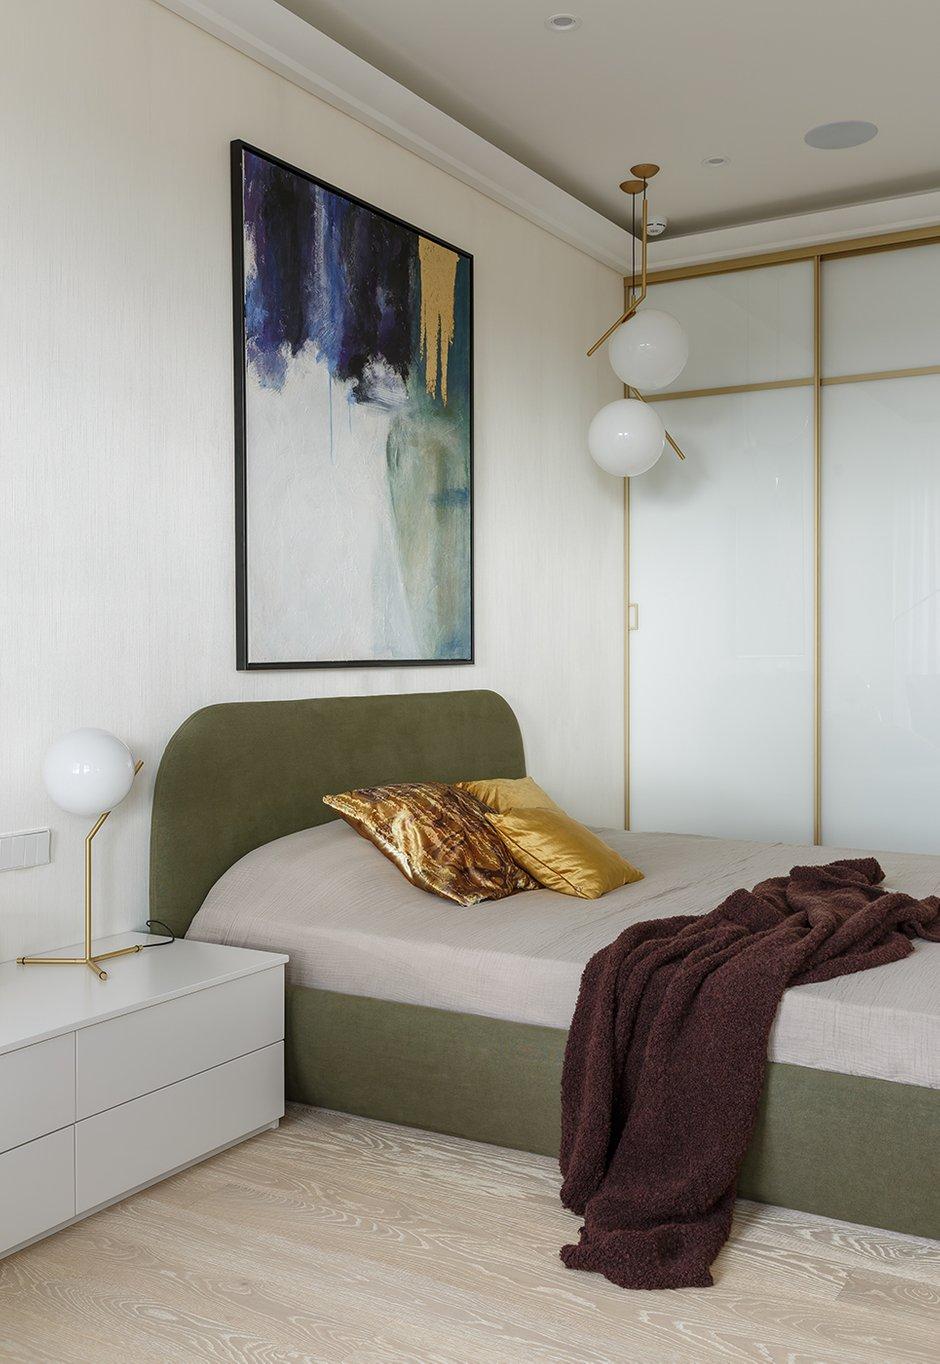 Фотография: Спальня в стиле Современный, Классический, Квартира, Проект недели, Санкт-Петербург, 3 комнаты, 60-90 метров, Кирилл Пономаренко – фото на INMYROOM